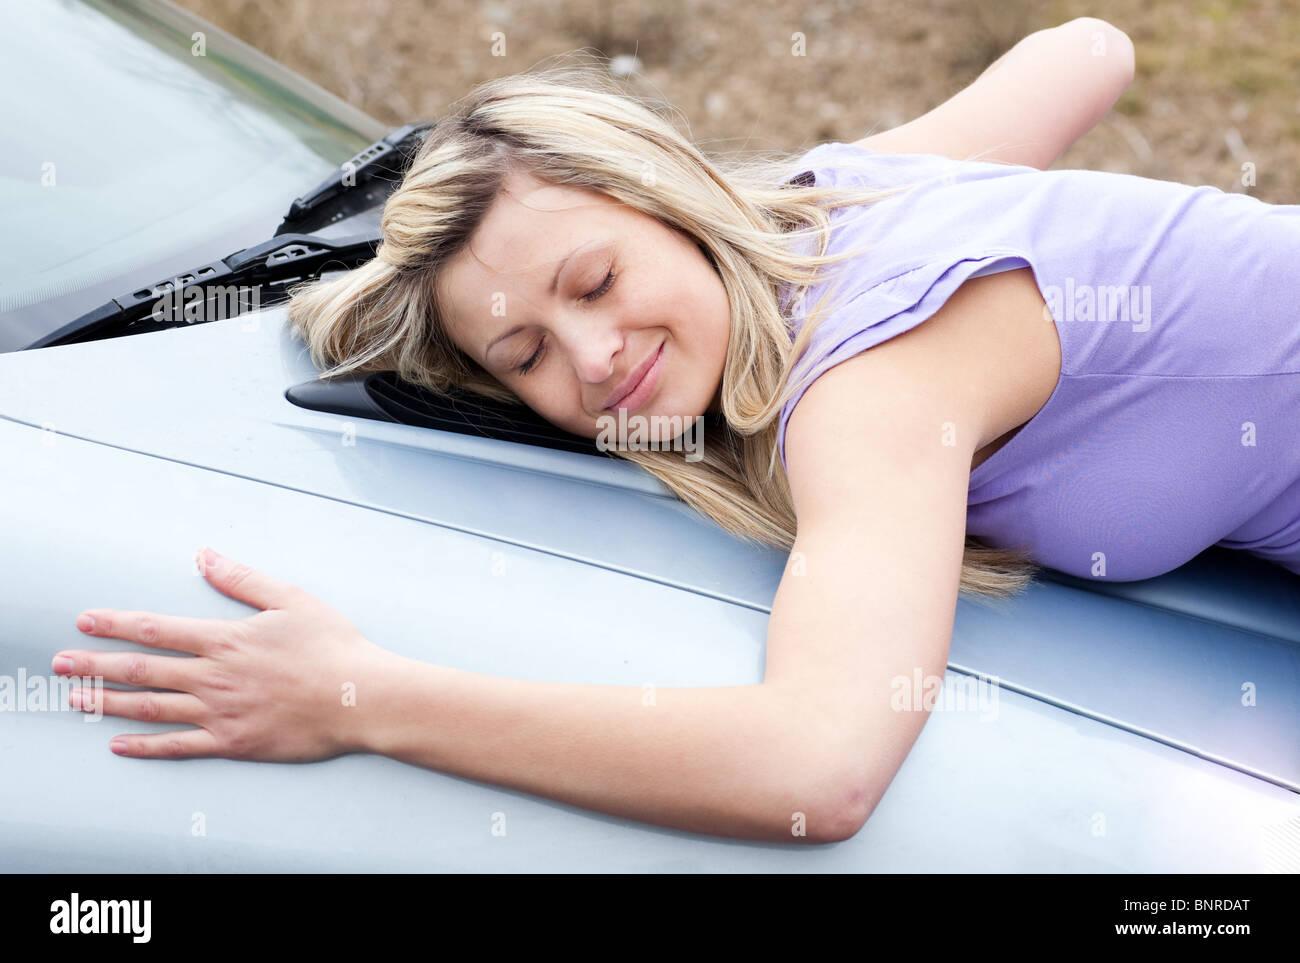 Allegro driver femmina huging la sua nuova vettura Immagini Stock